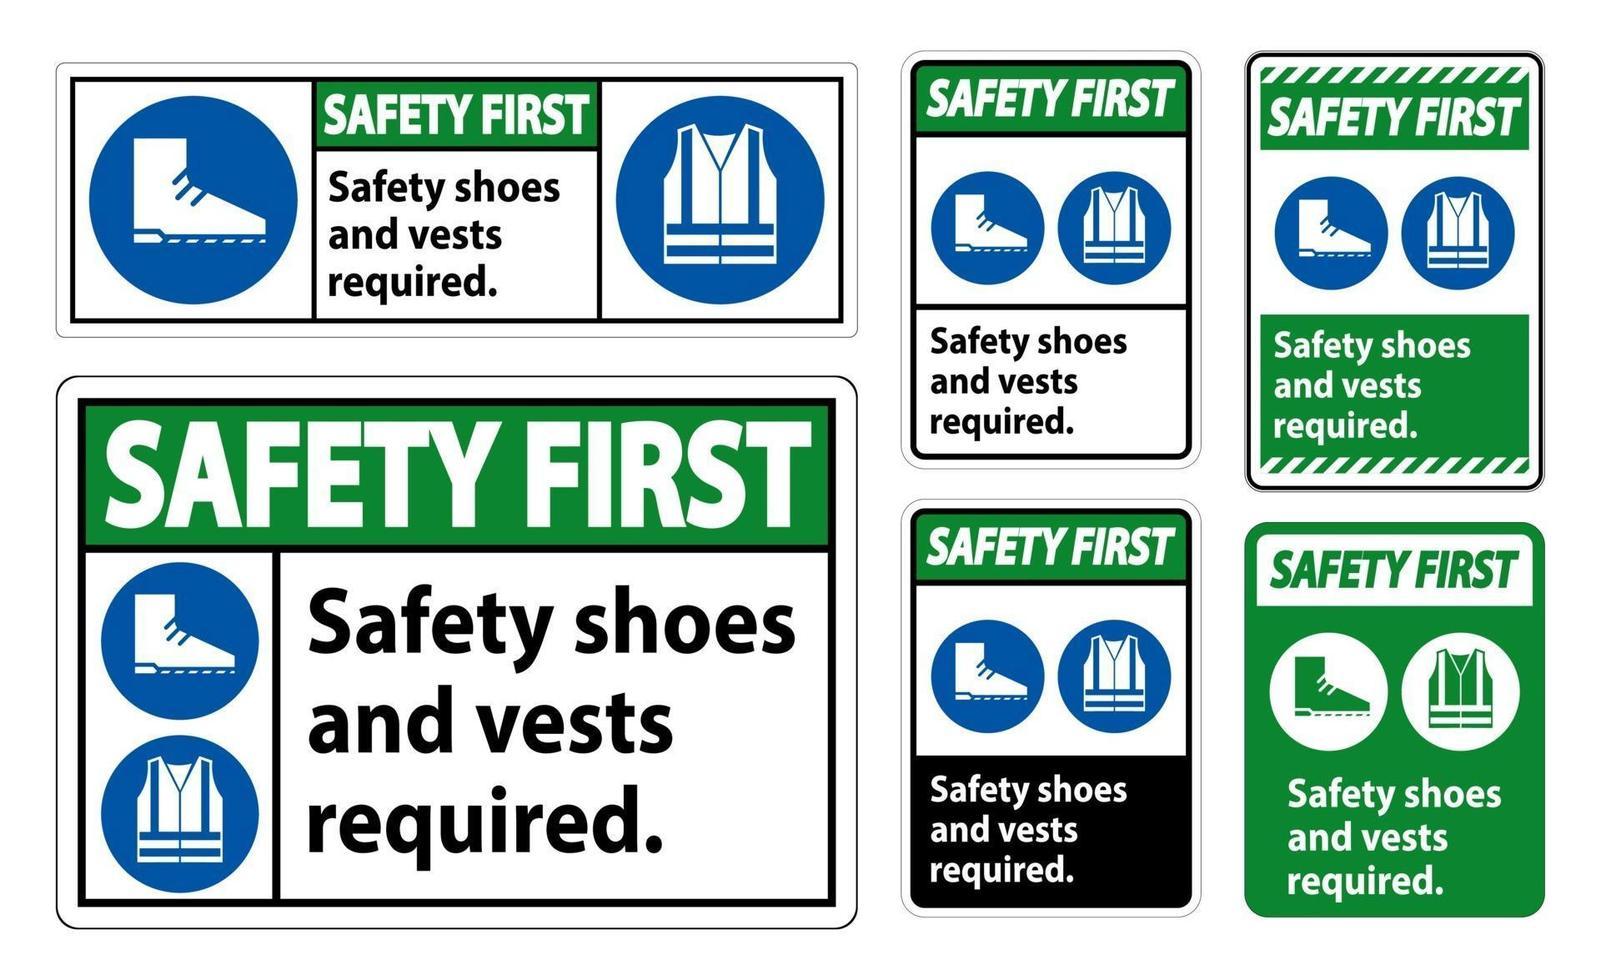 veiligheidsschoenen en vest vereist met pbm-symbolen op witte achtergrond vector